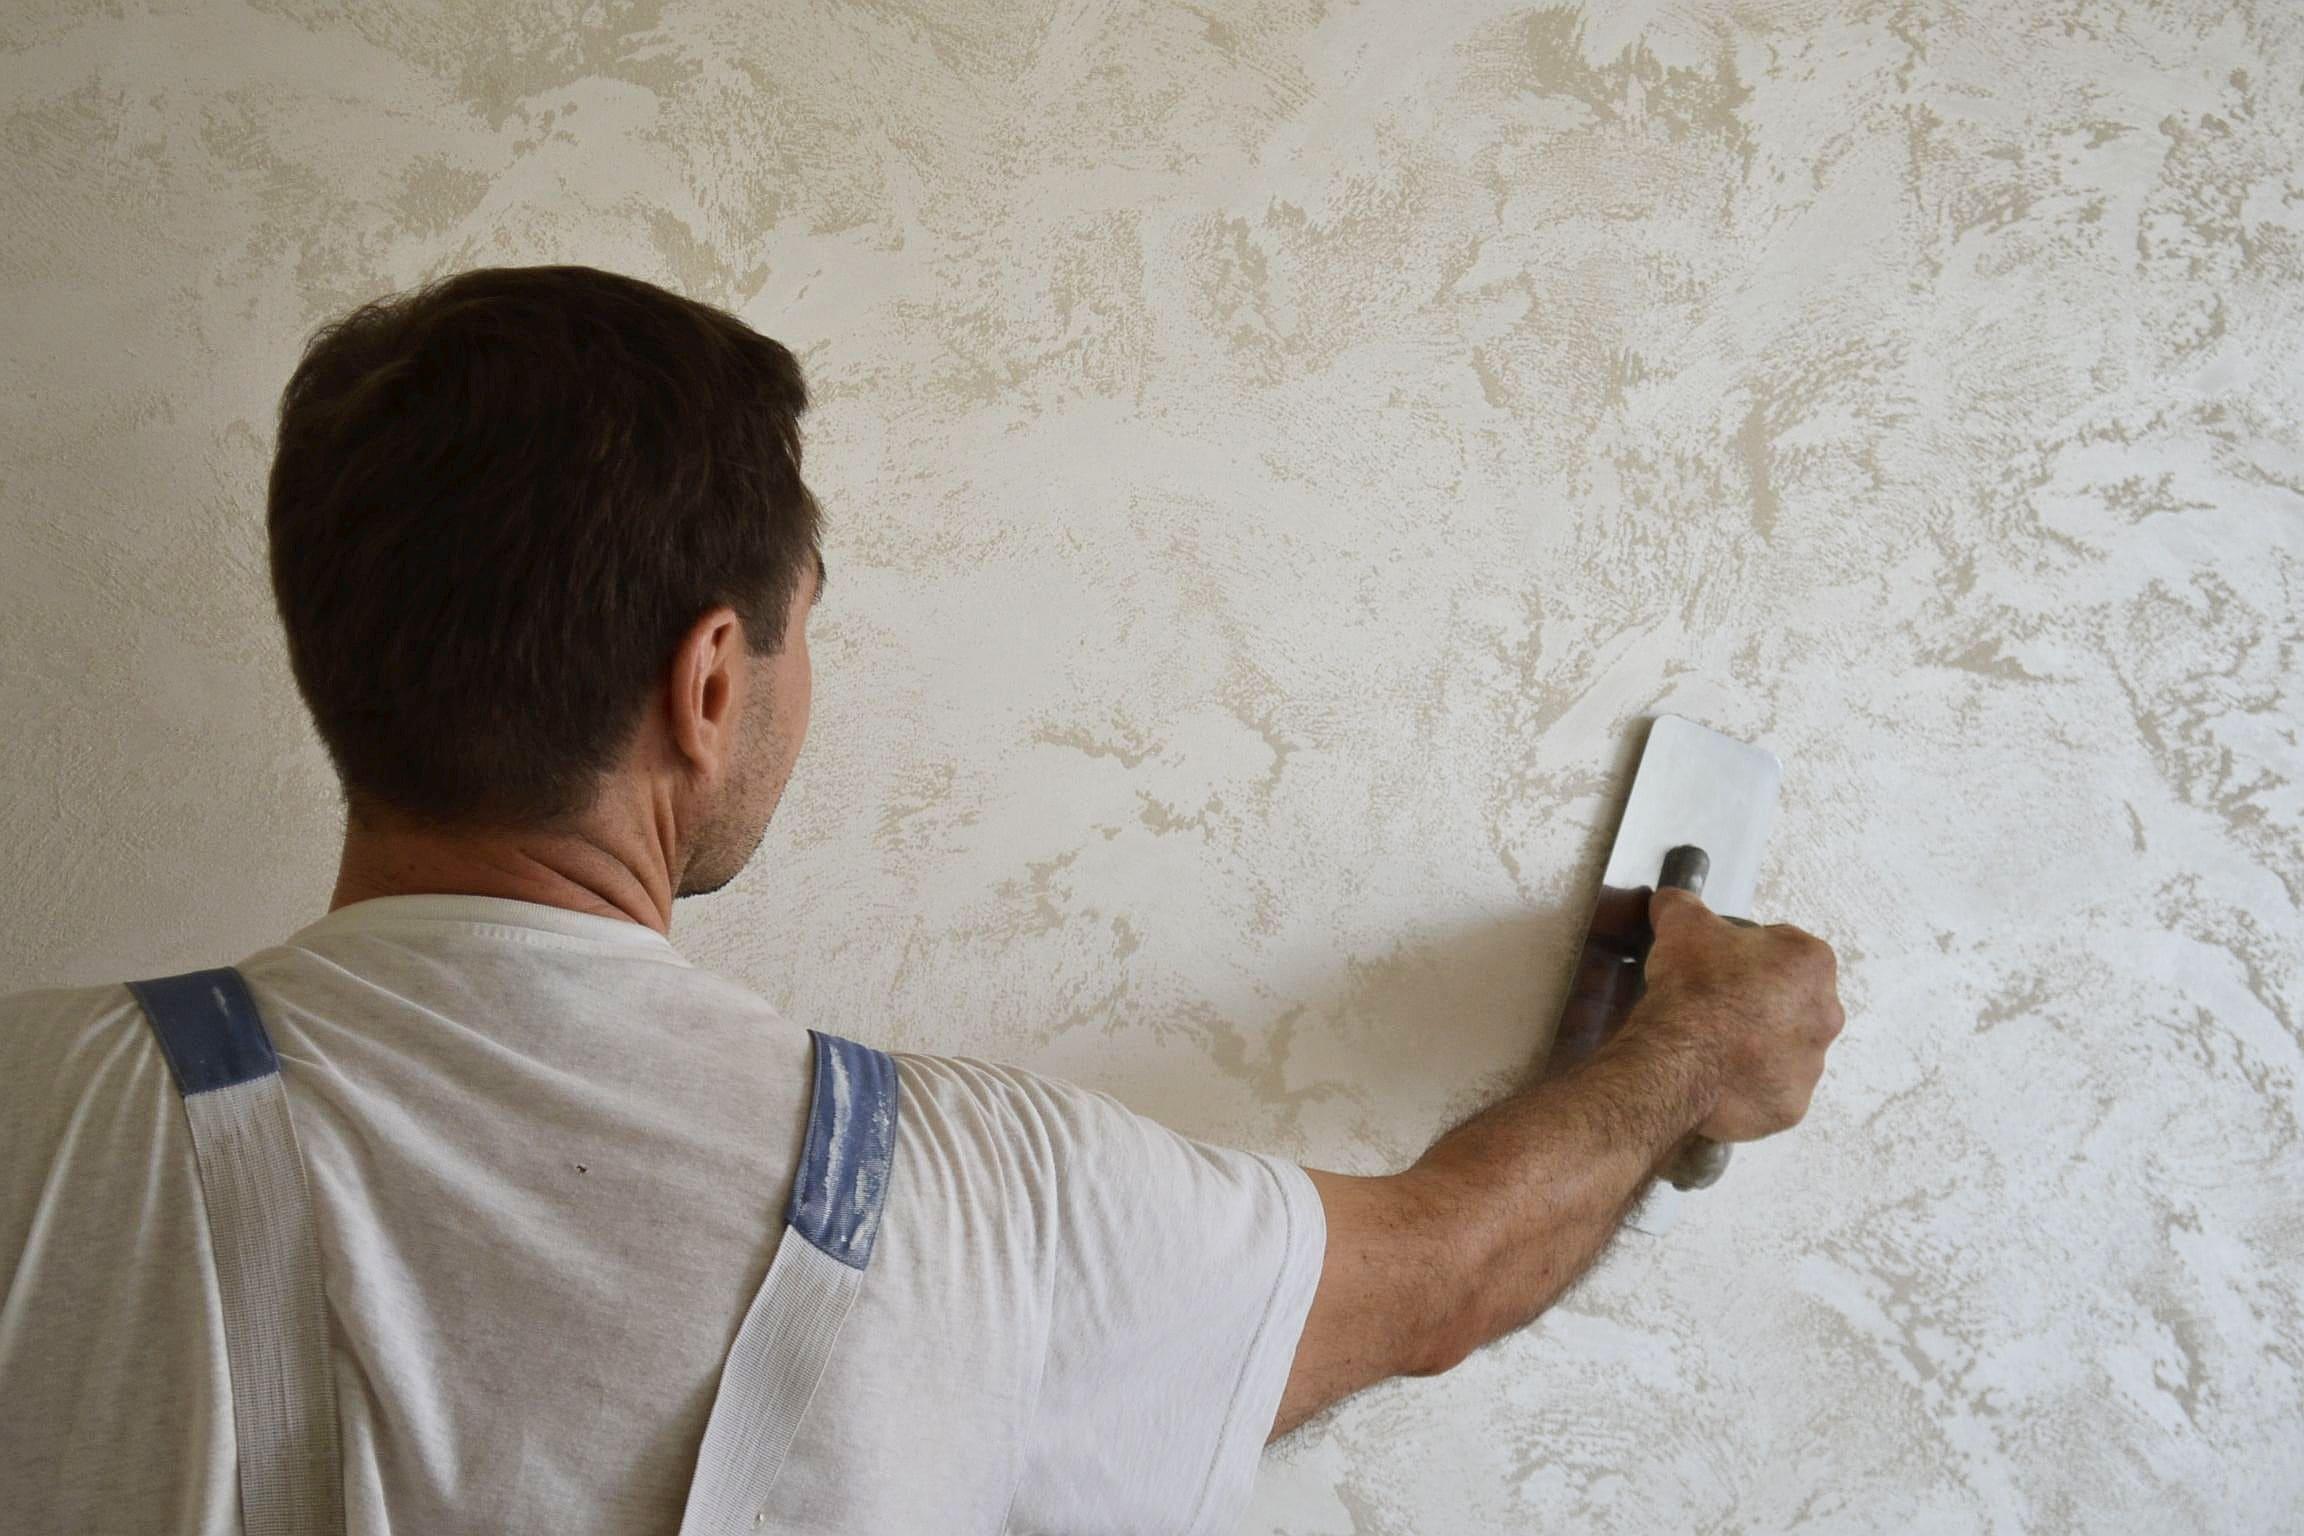 Декоративная штукатурка - лучшие красивые варианты отделки стен в интерьере 181